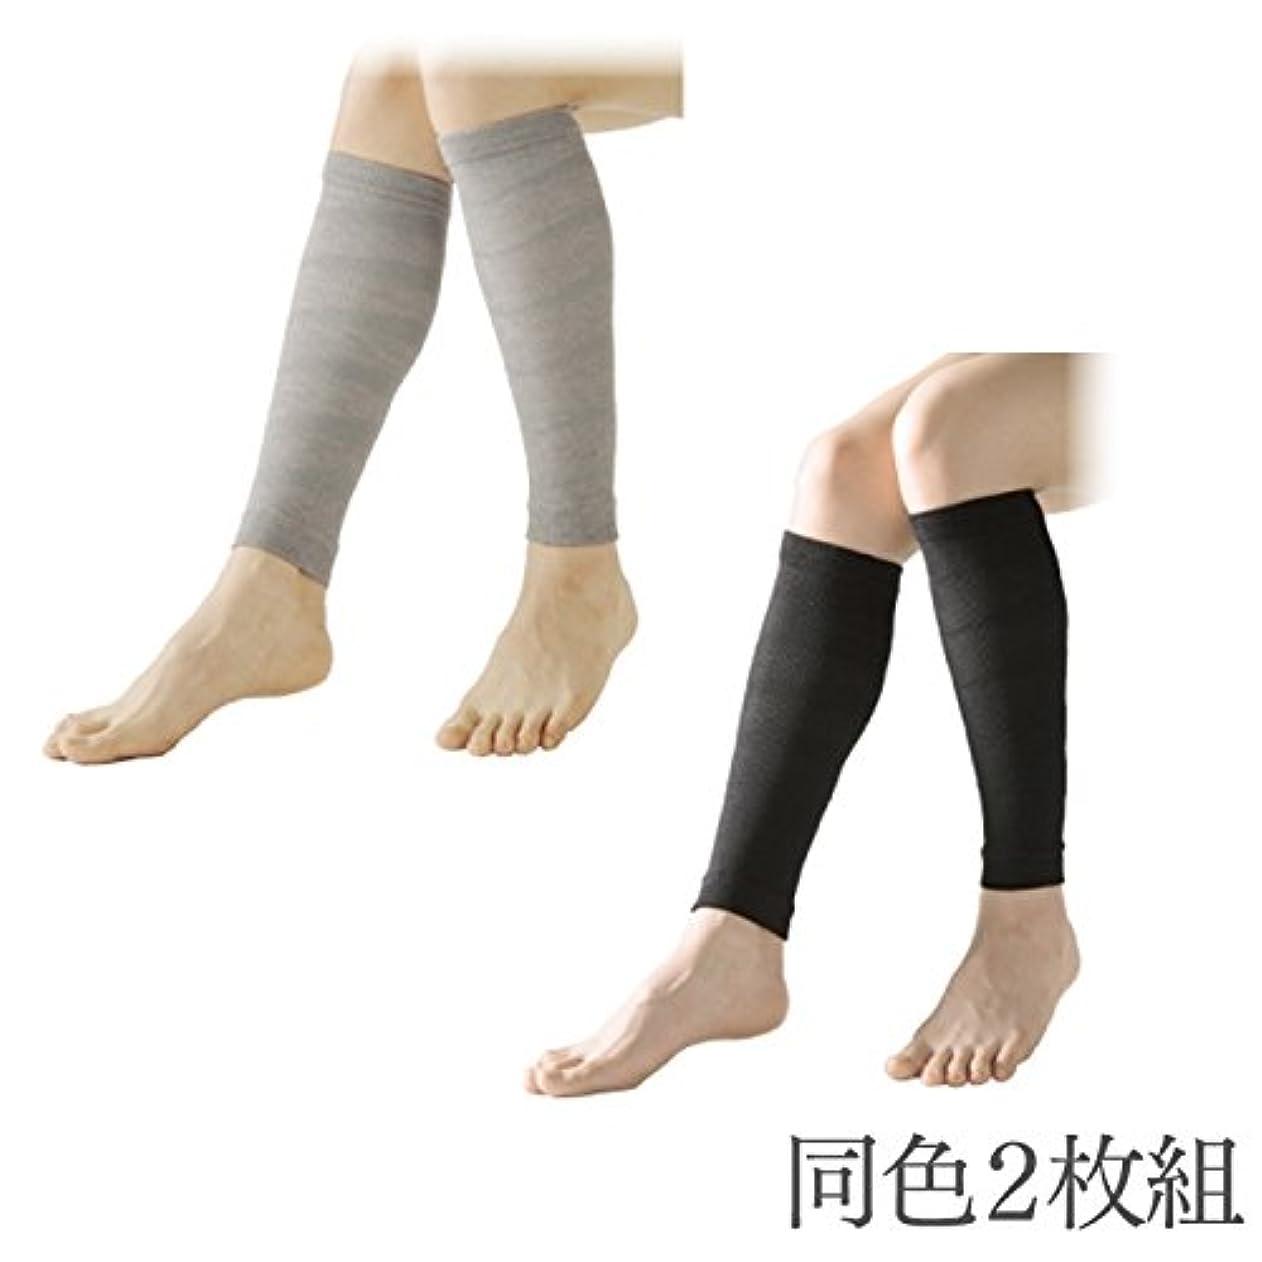 具体的にガロン犯人着圧ソックス 足のむくみ 靴下 むくみ解消 着圧ふくらはぎサポーター 2枚組